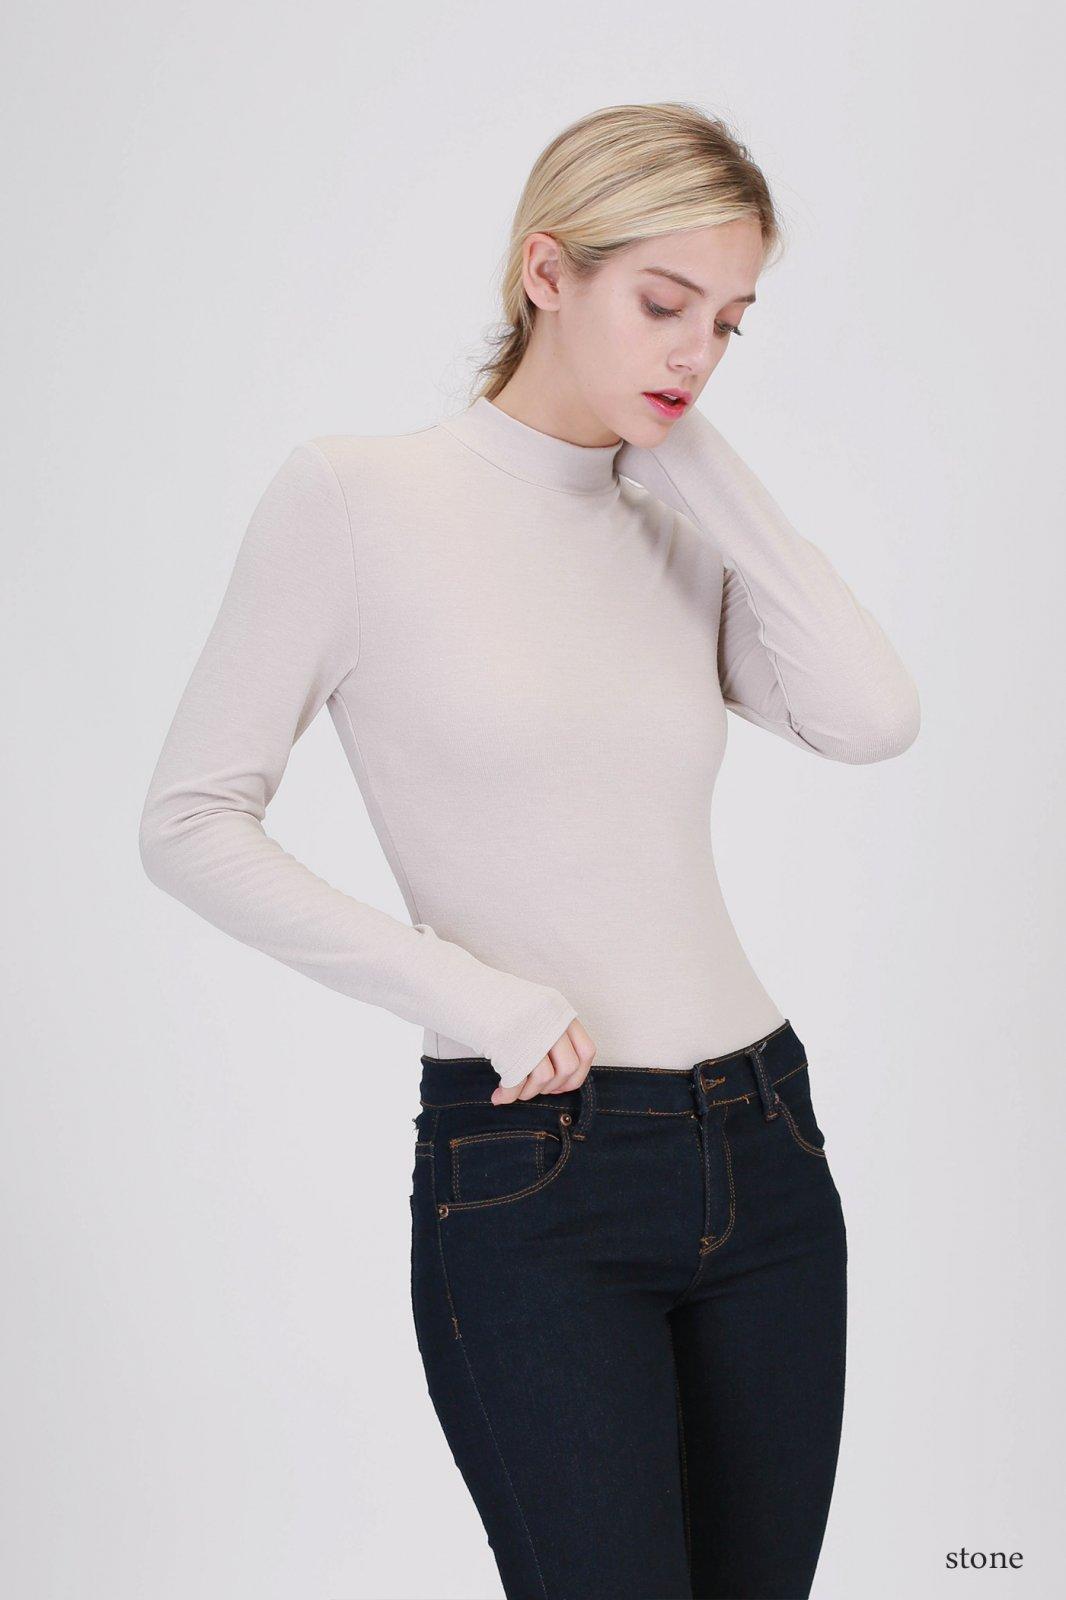 Bodysuit - Turtleneck Long Sleeve STONE